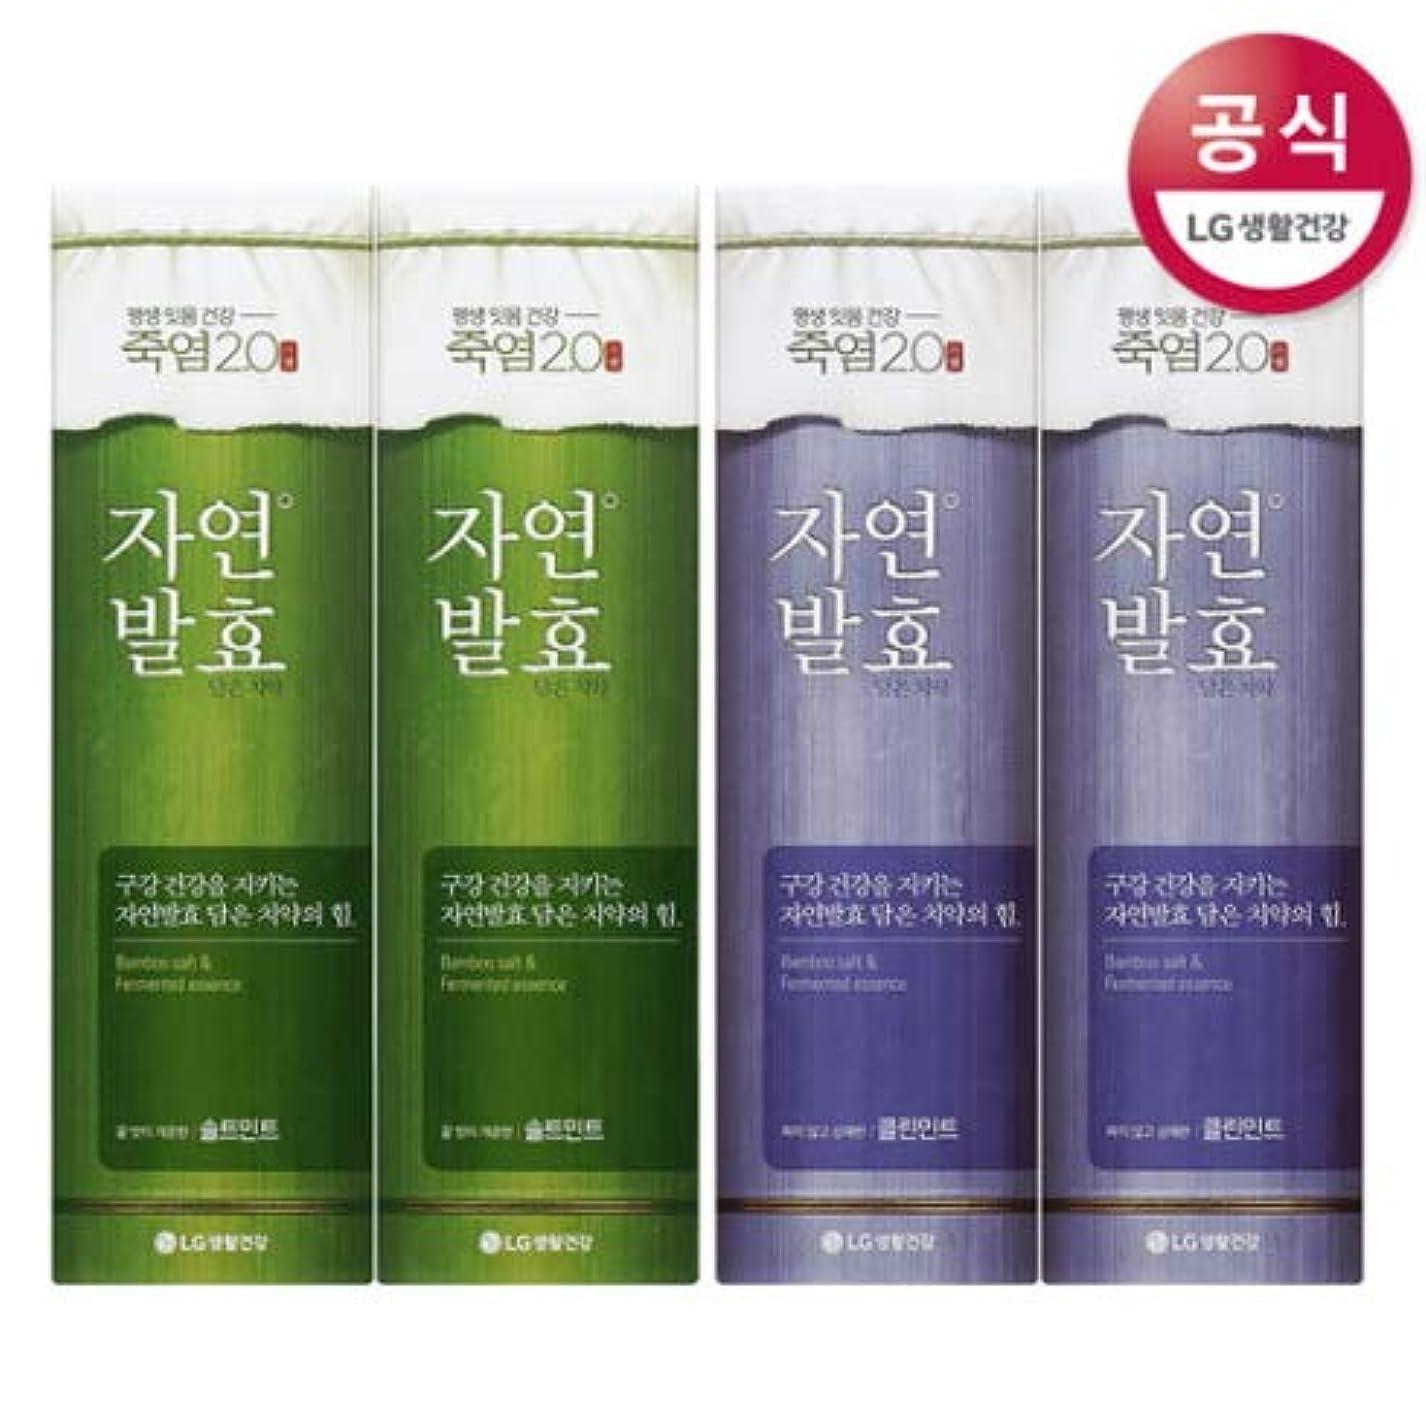 のヒープまだらジャニス[LG HnB] Bamboo salt natural fermentation toothpaste/竹塩自然発酵入れた歯磨き粉 100gx4個(海外直送品)